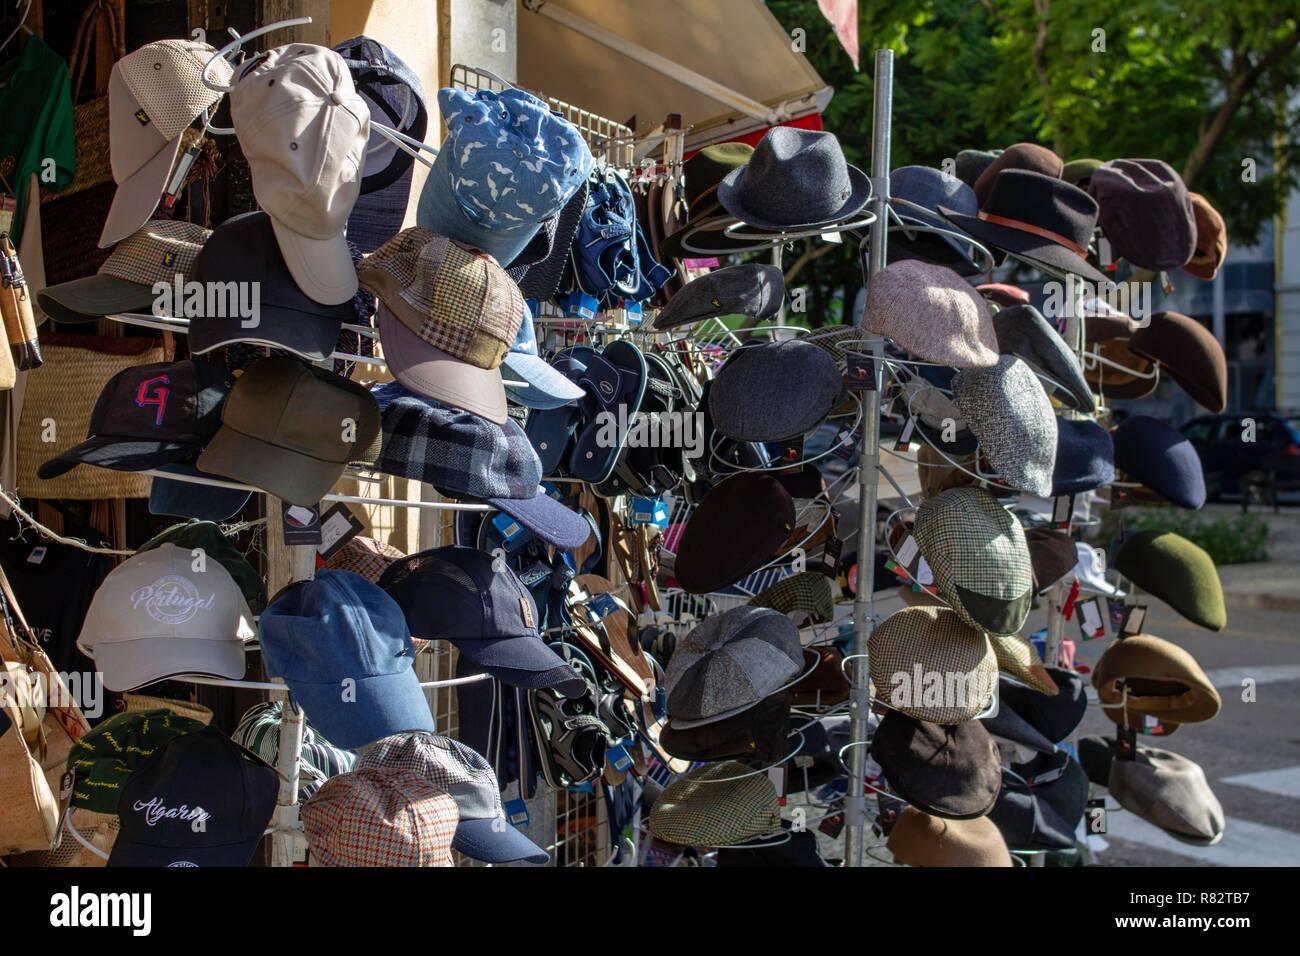 Bérets Imágenes De Stock   Bérets Fotos De Stock - Alamy 70ec82988e6